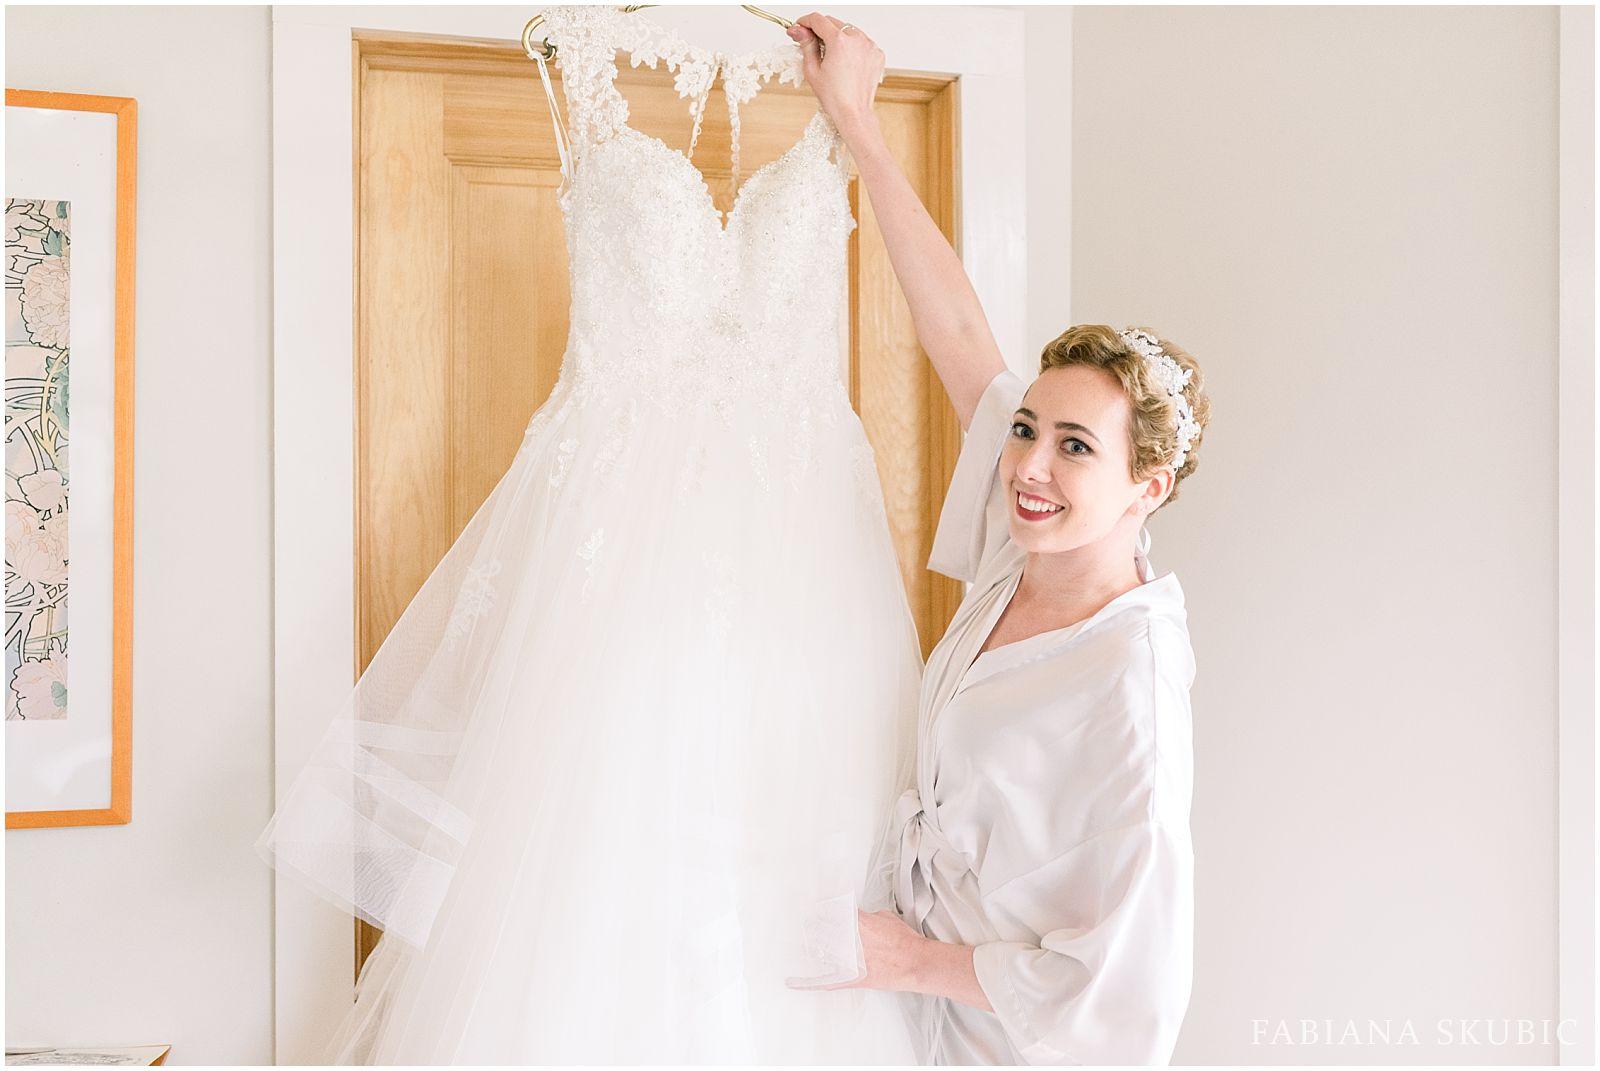 FabianaSkubic_J&M_FullMoonResort_Wedding_0014.jpg